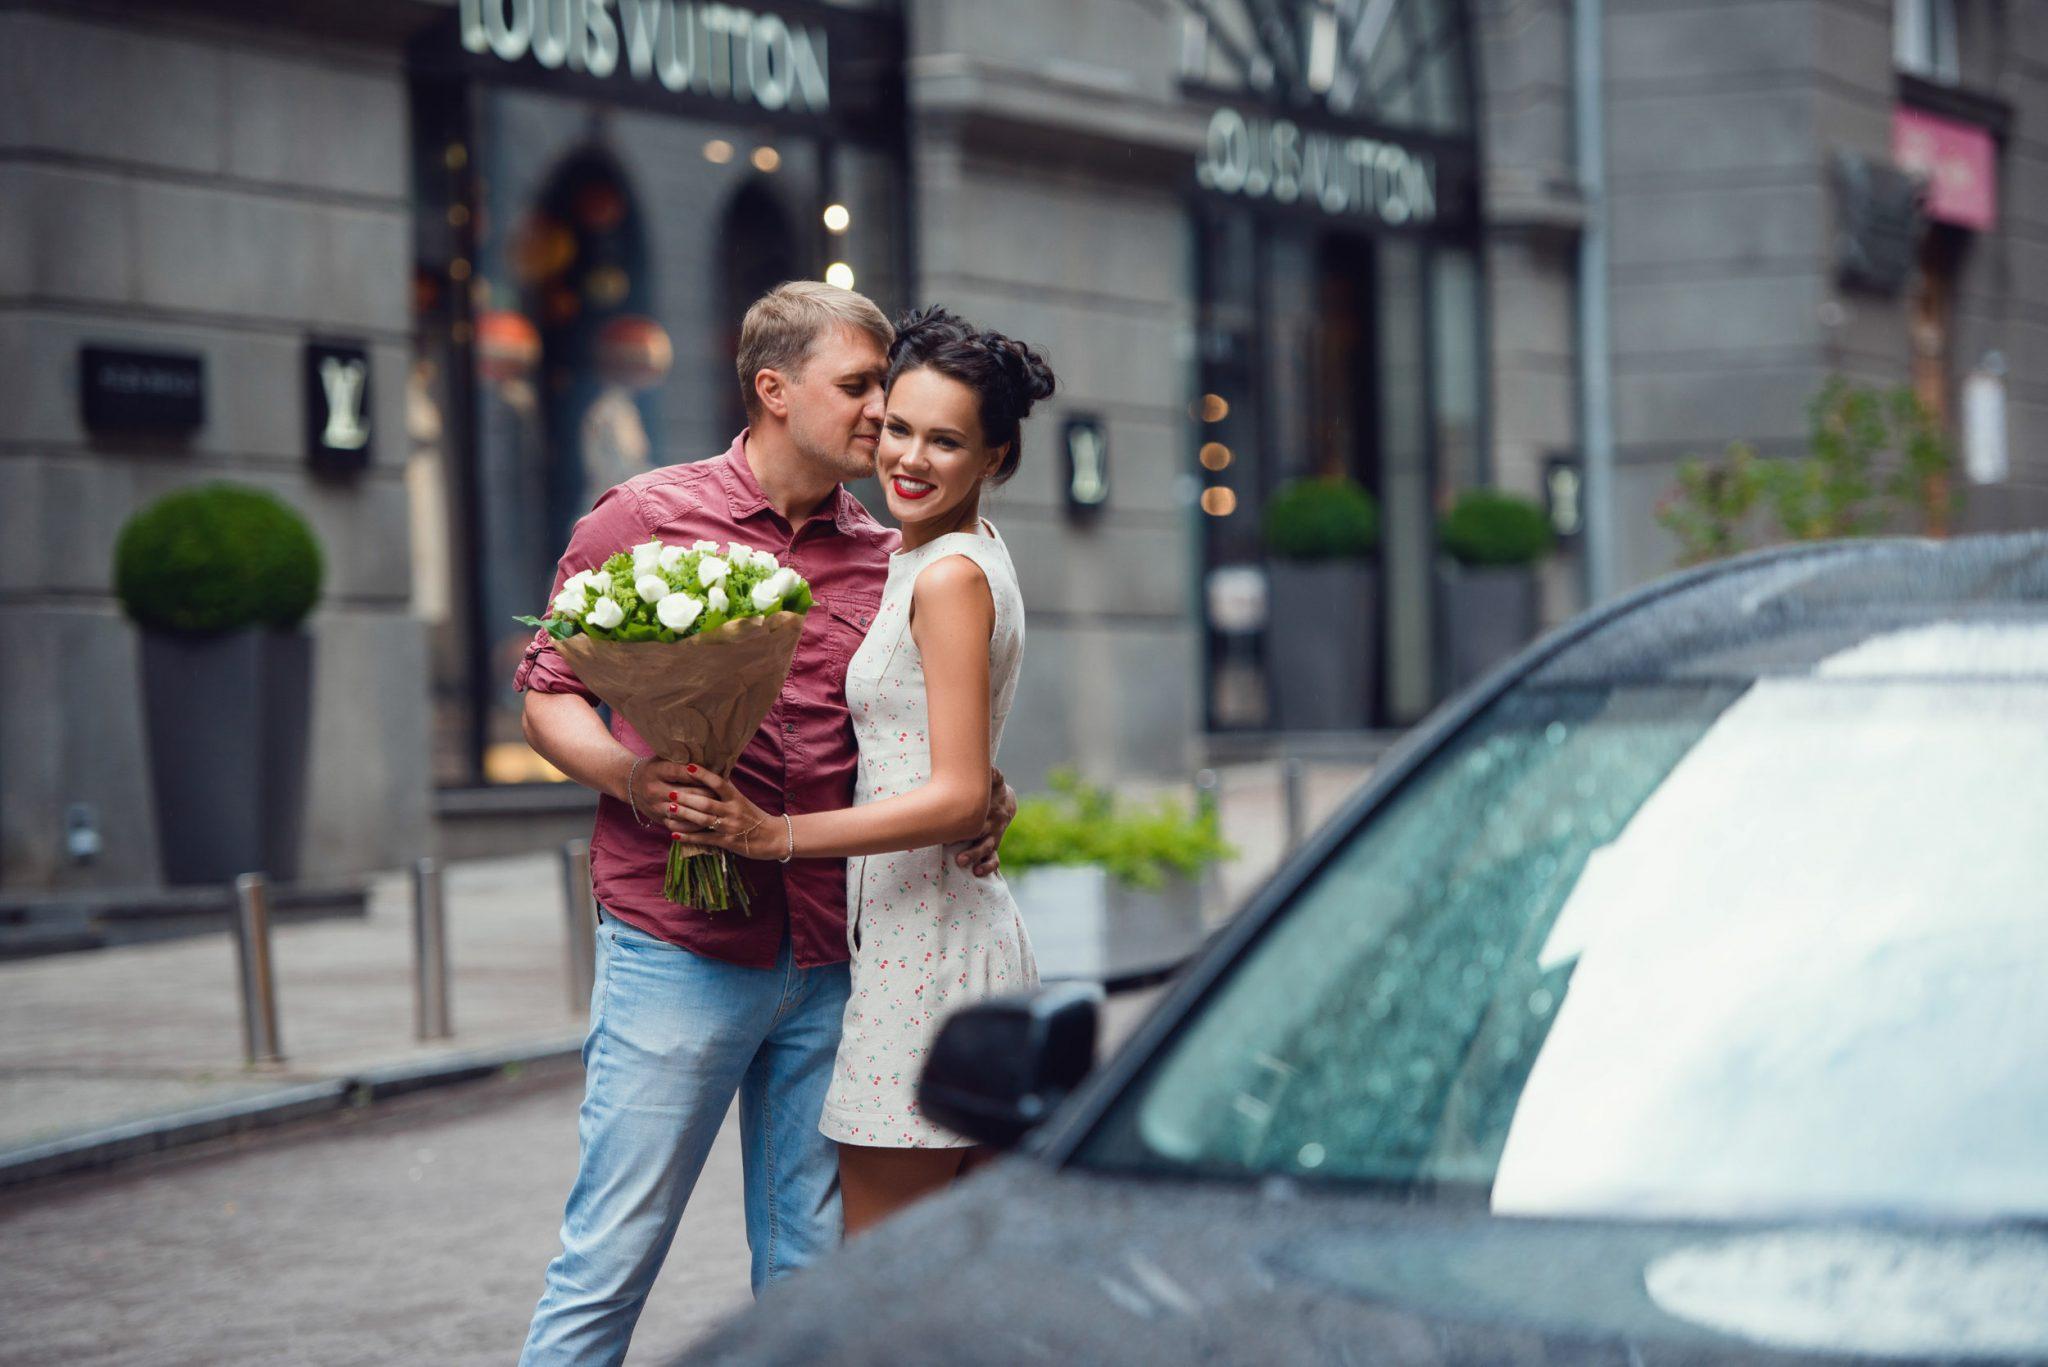 Love Story на природе, прогулка по Киеву, пара целуется, у девушки в руках букет белых цветов